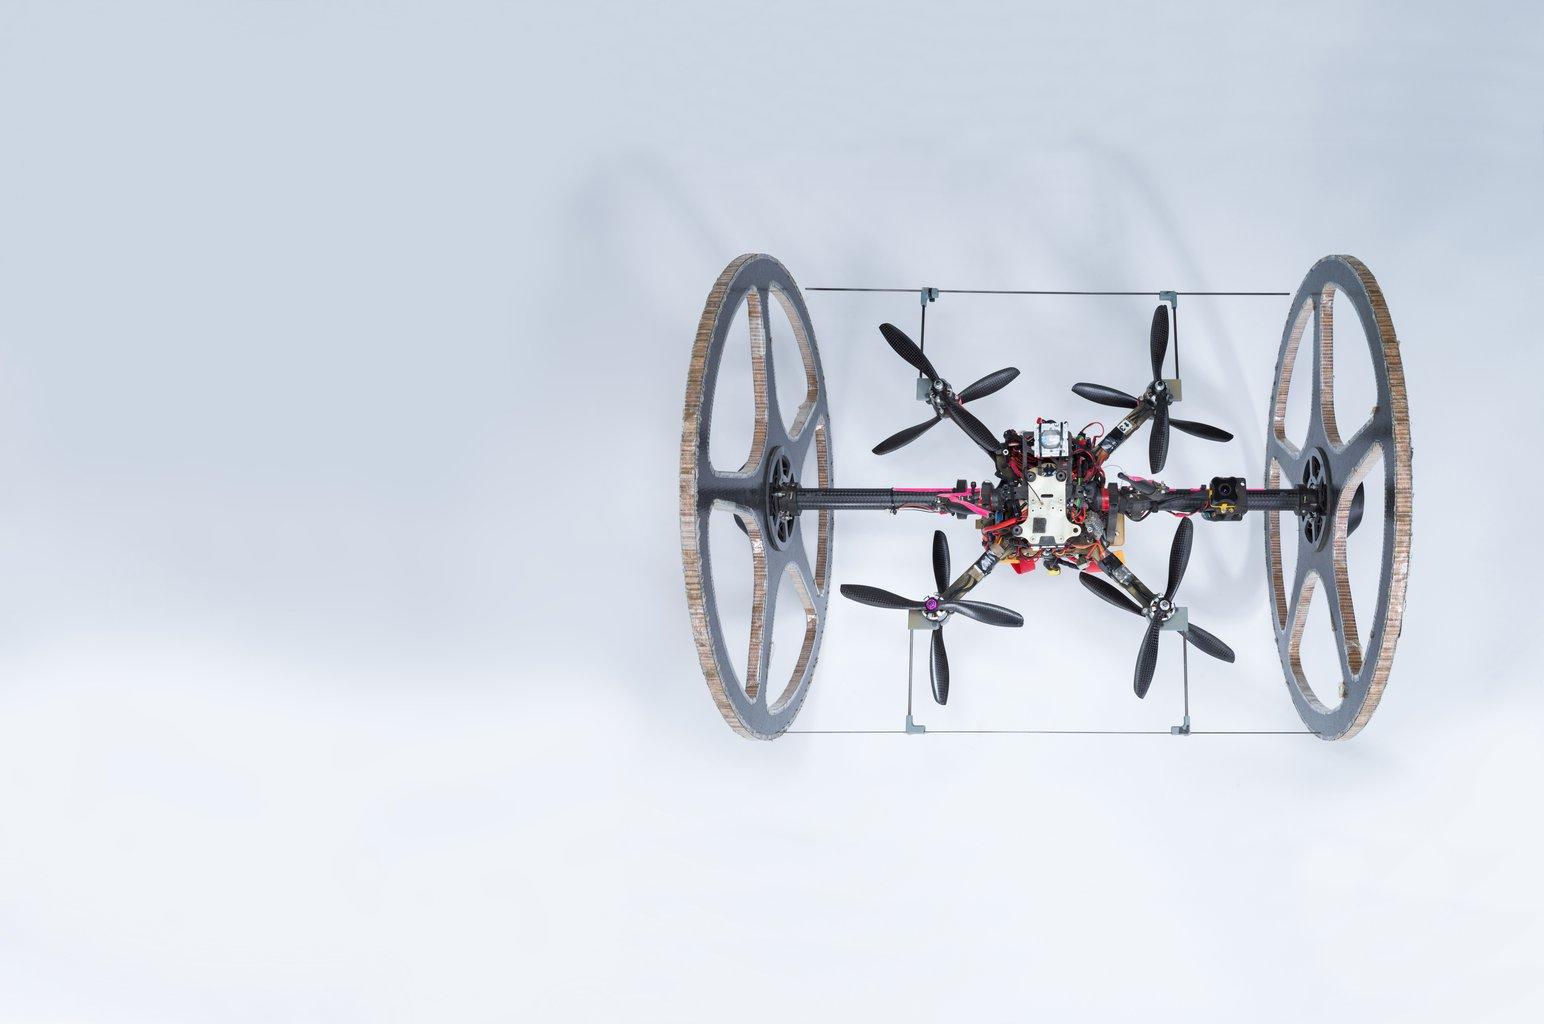 Subterranean Rollocopter Robot